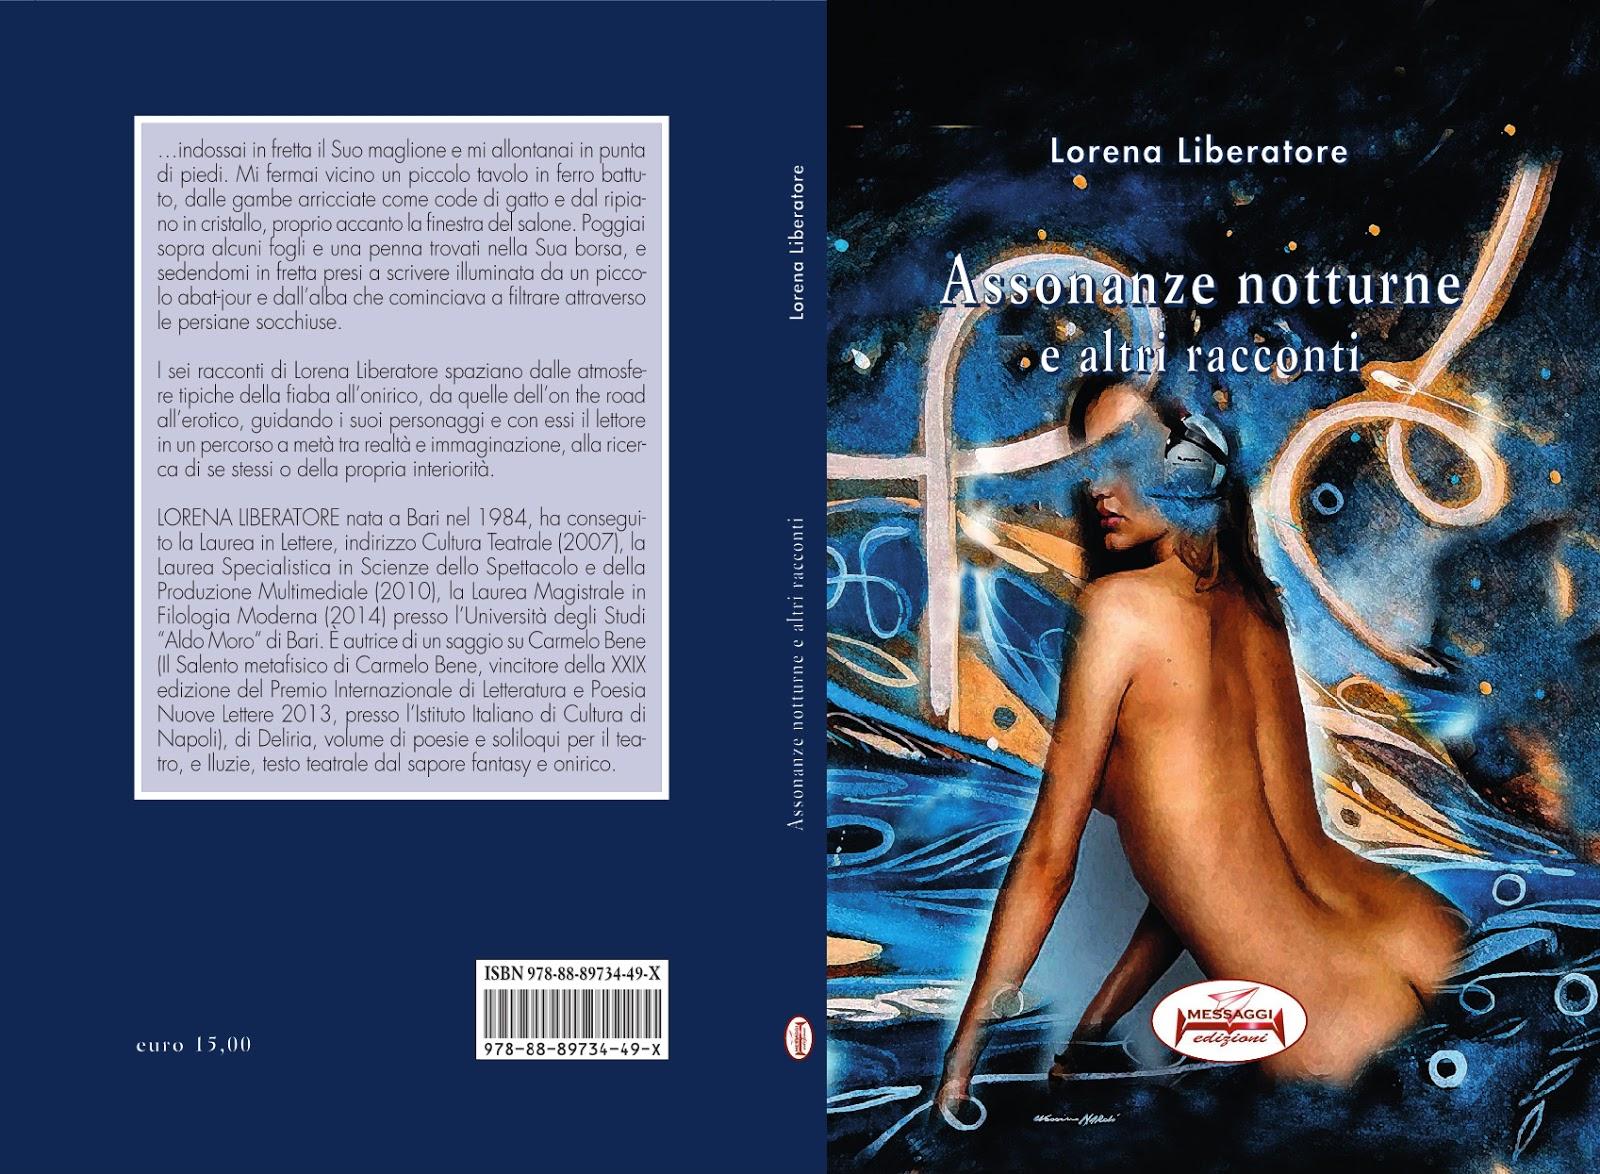 """""""Assonanze Notturne e altri racconti"""" di Lorena Liberatore"""